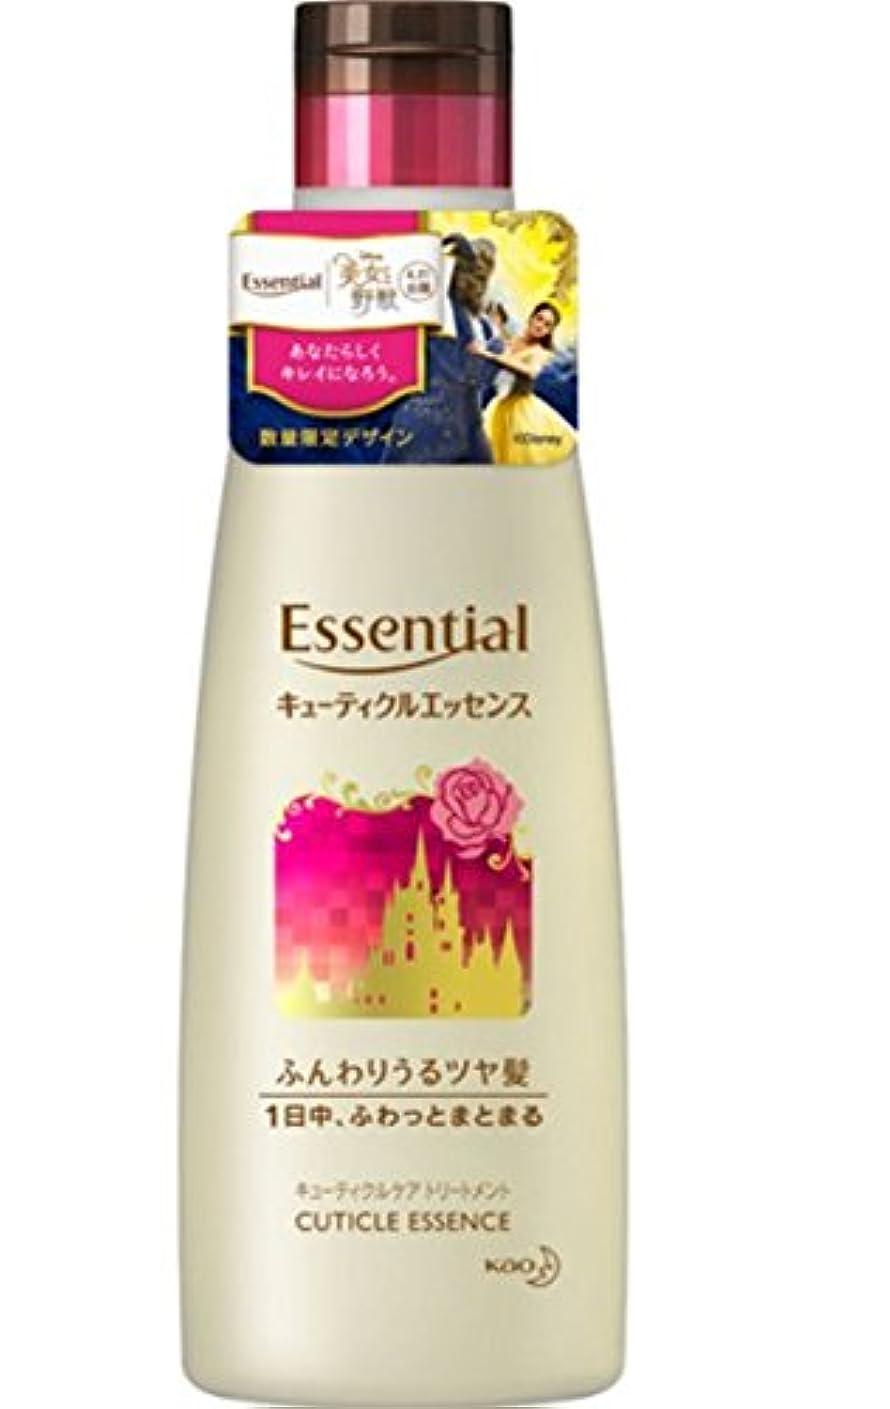 驚かす強打フェデレーションエッセンシャル(Essential) 【数量限定】 美女と野獣 キューティクルエッセンスA (トリートメント) 250ml